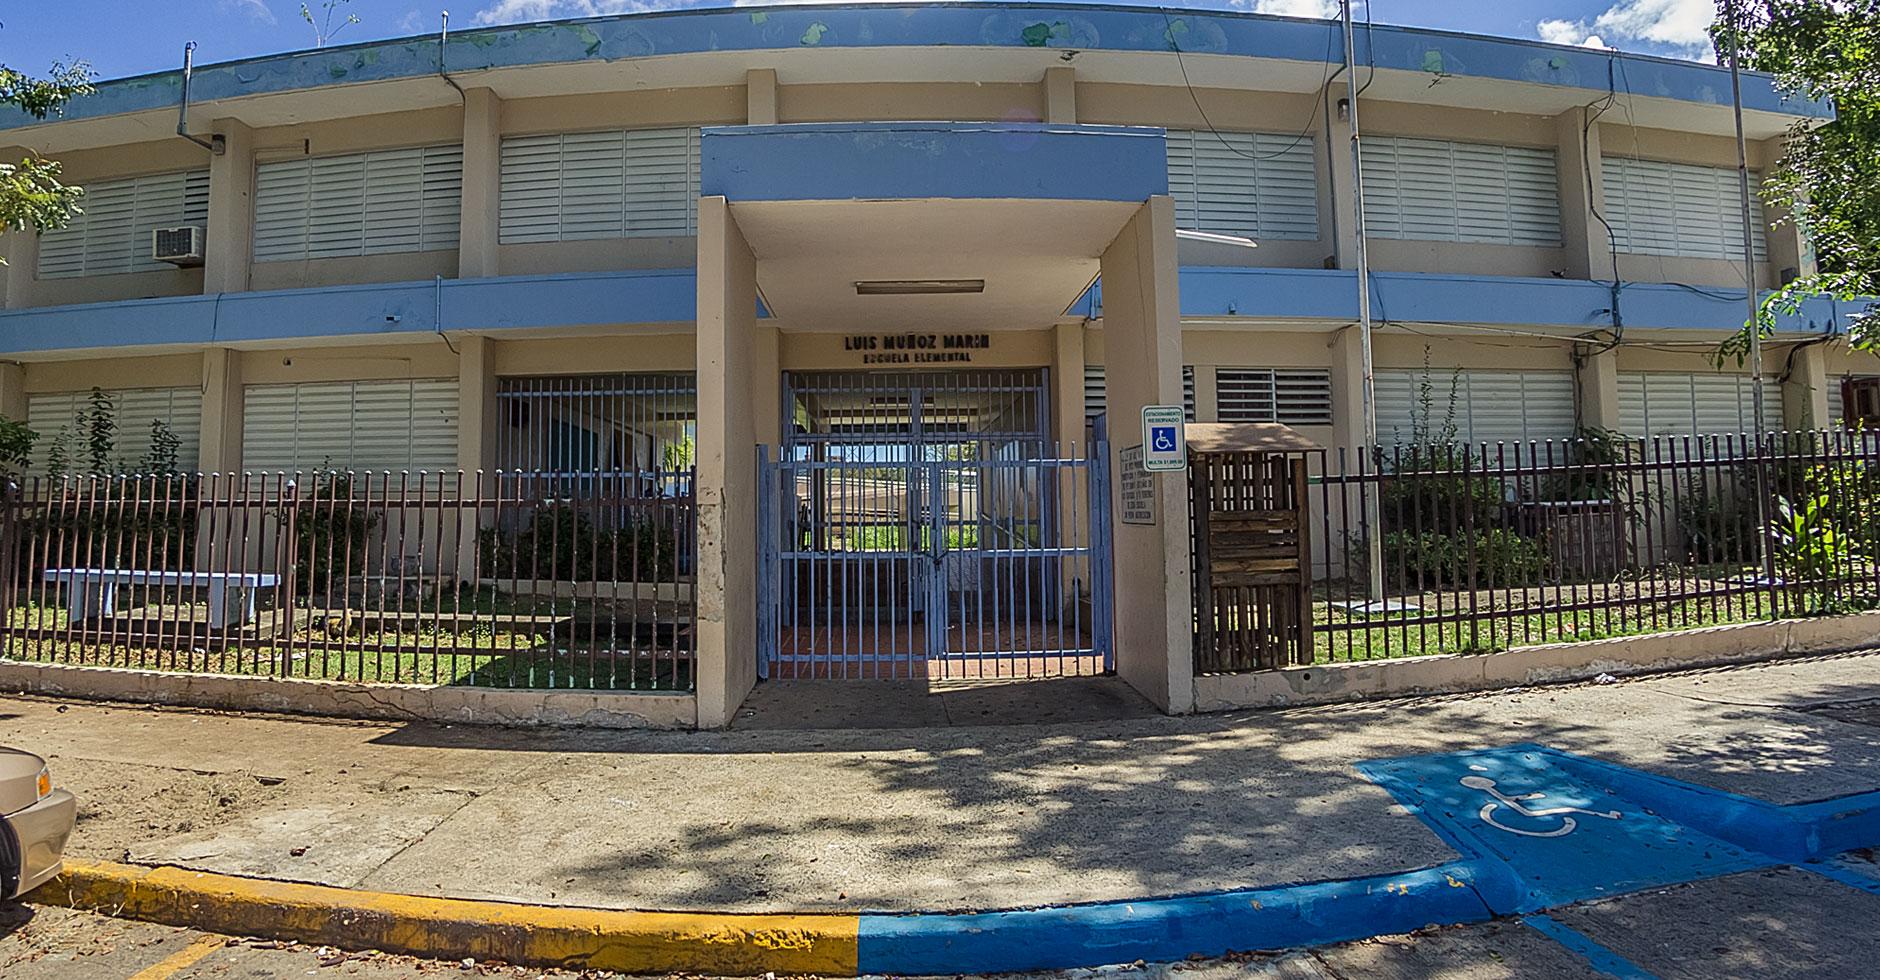 Escuela Luis Muñoz Marín